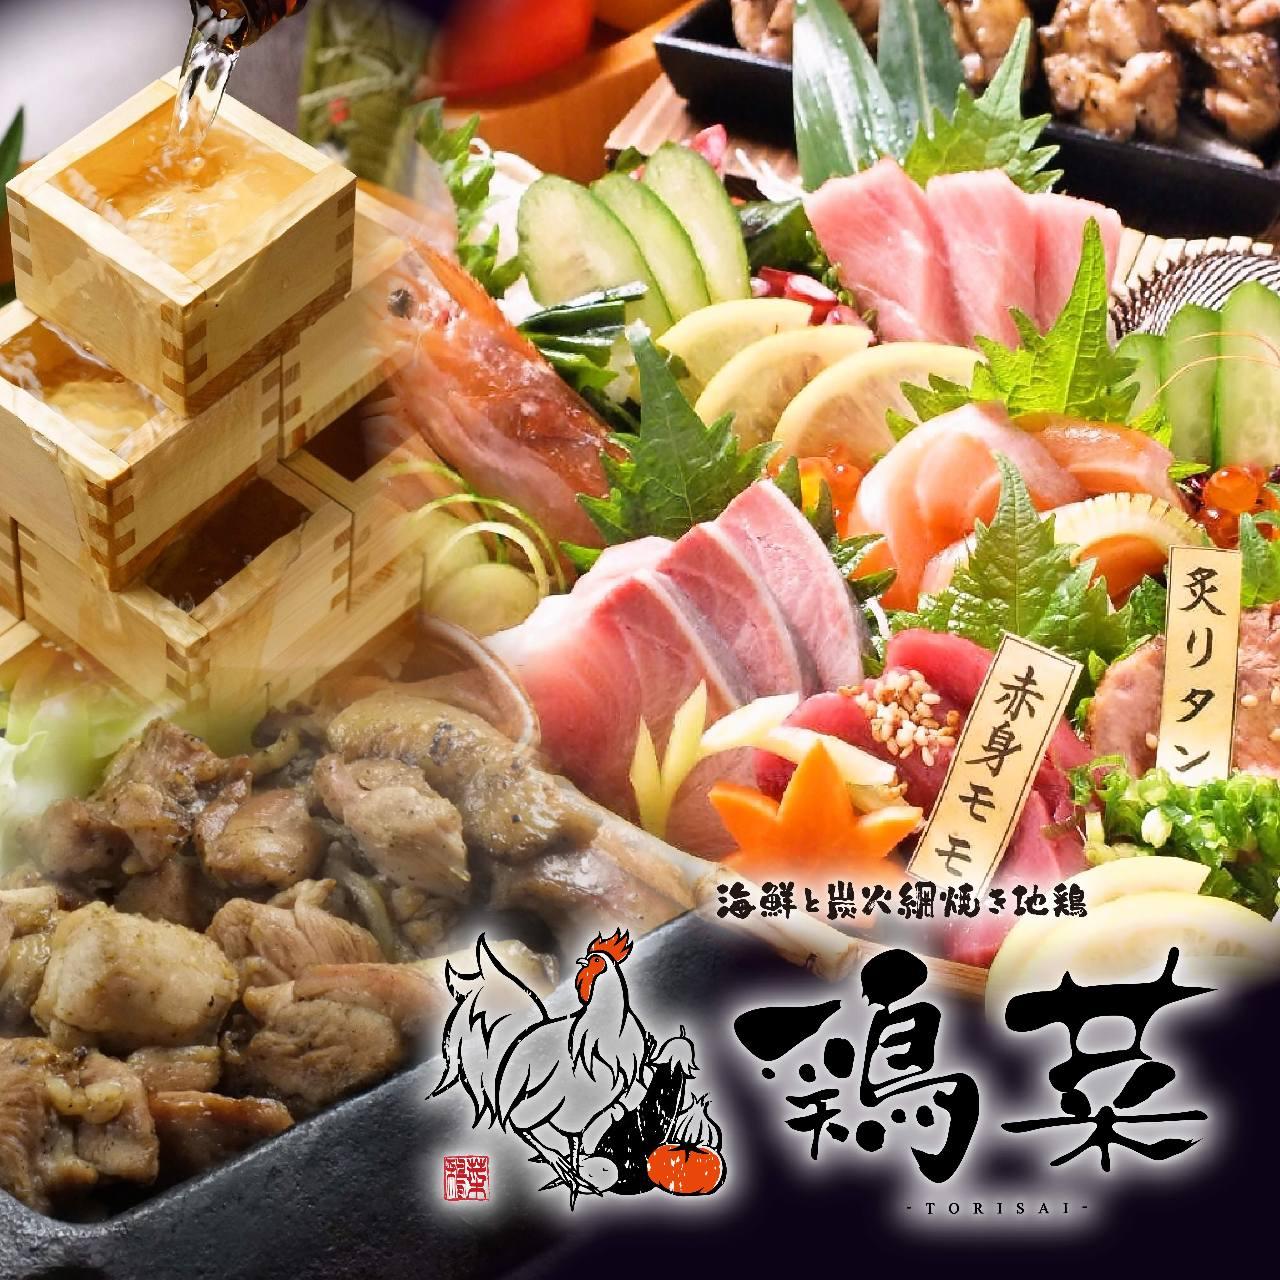 海鮮と網焼き地鶏 鶏菜(とりさい) 静岡駅店のイメージ写真